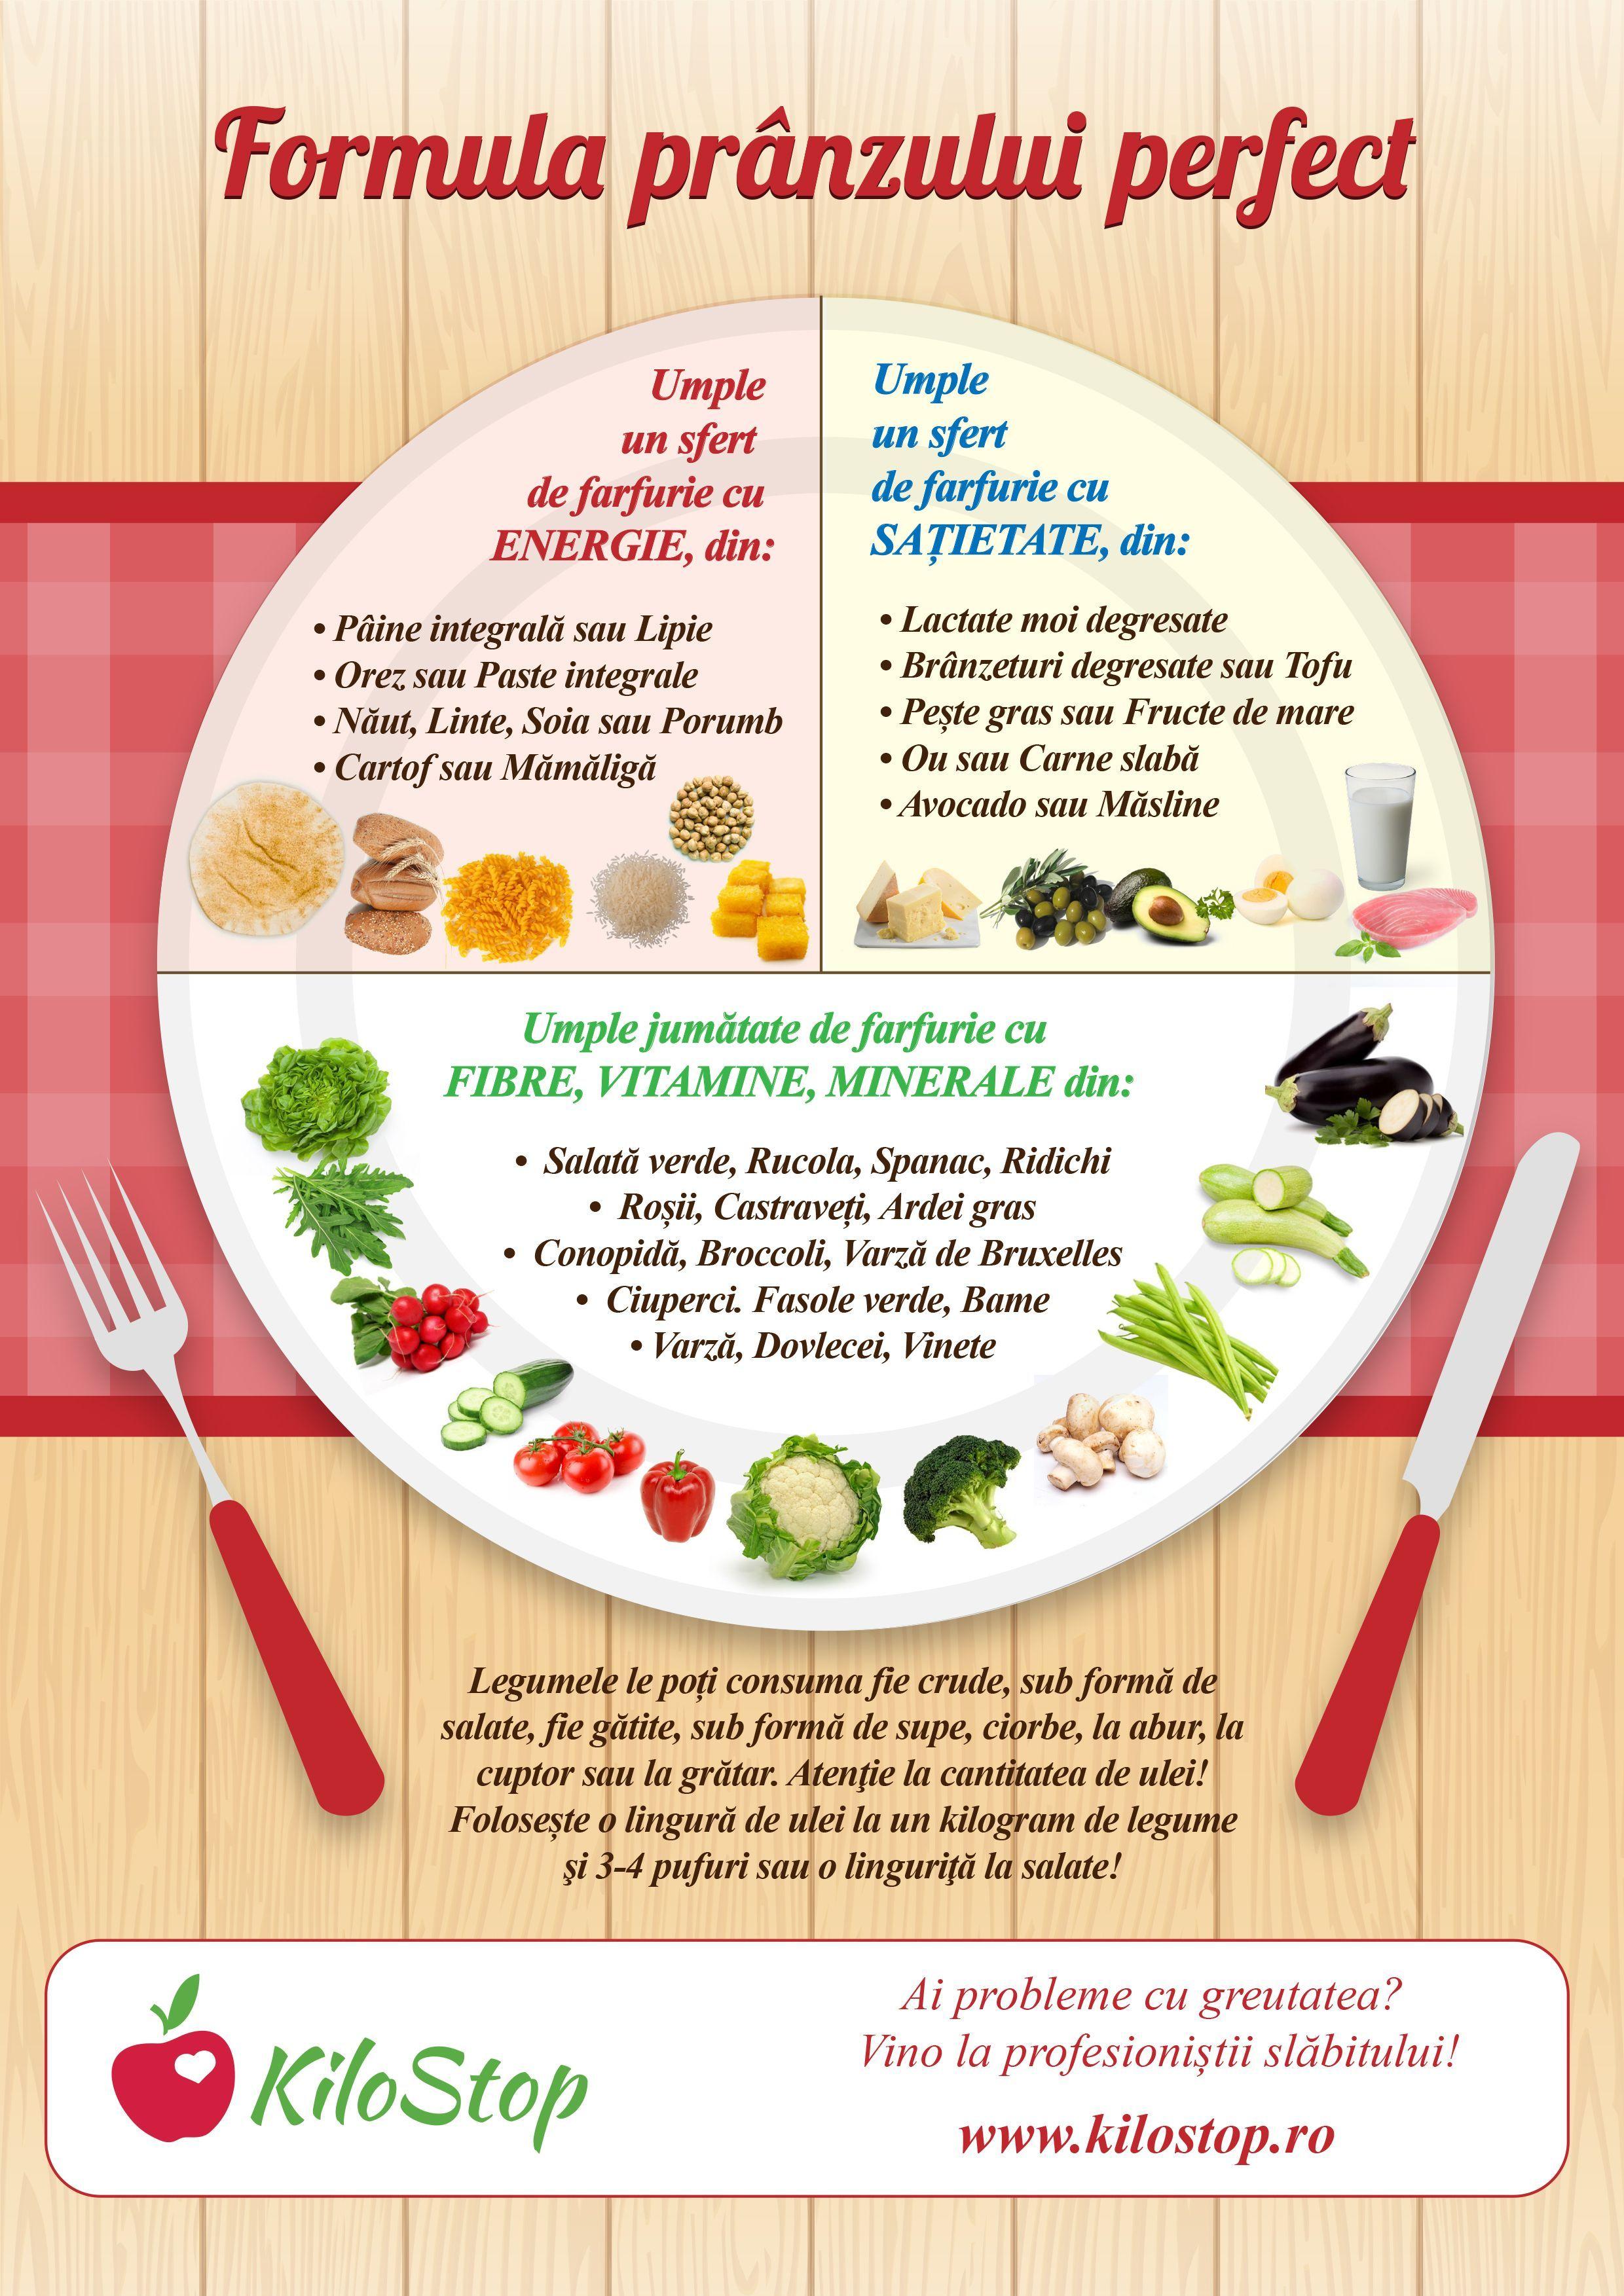 10+ De slăbit ideas | slăbit, diete, slăbește